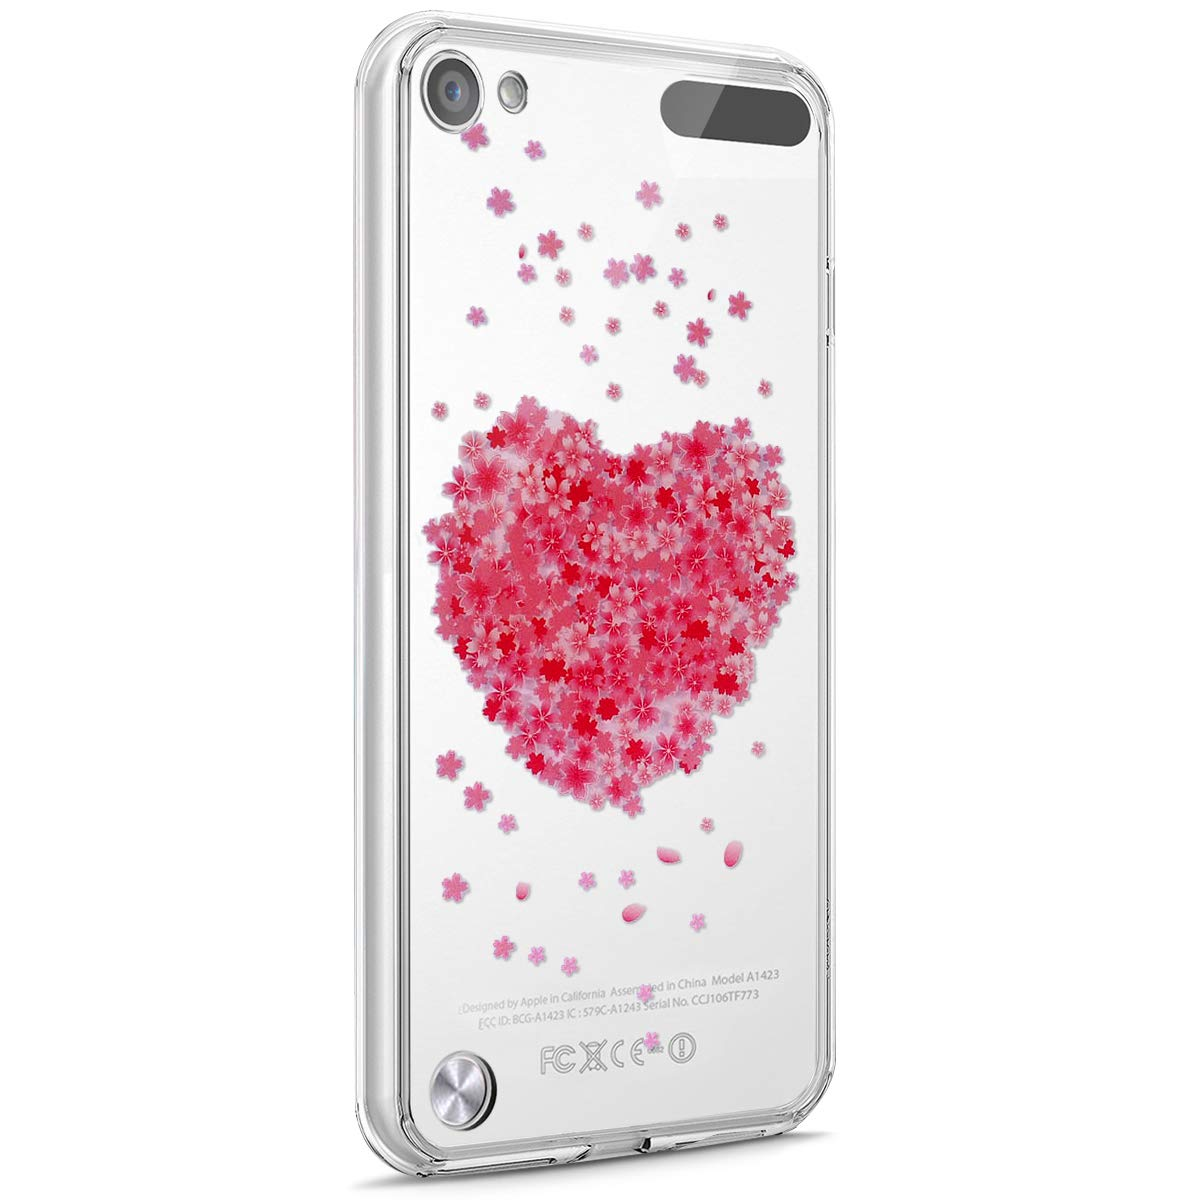 Surakey Cover iPod Touch 5/Touch 6, Trasparente Case Serie di Fiori di Ciliegio Ultra Sottile Cristallino TPU Silicone Morbido Custodia Protettiva Skin Floreale Cover per iPod Touch 5/Touch 6,Fiore#4 SUR13777